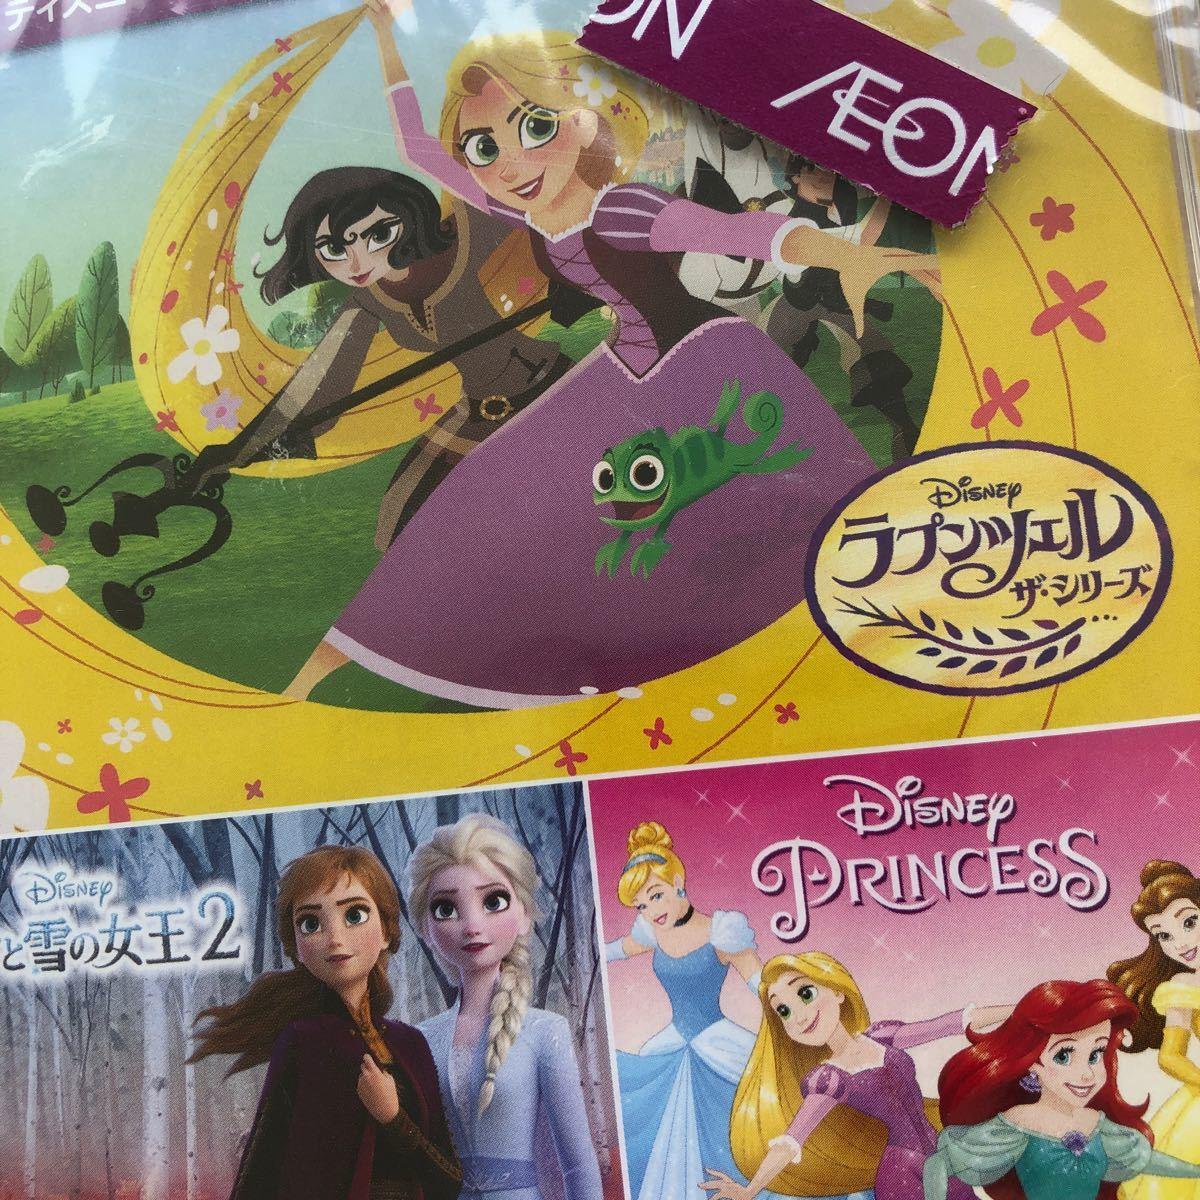 ディズニーのプリンセス おたのしみ DVD